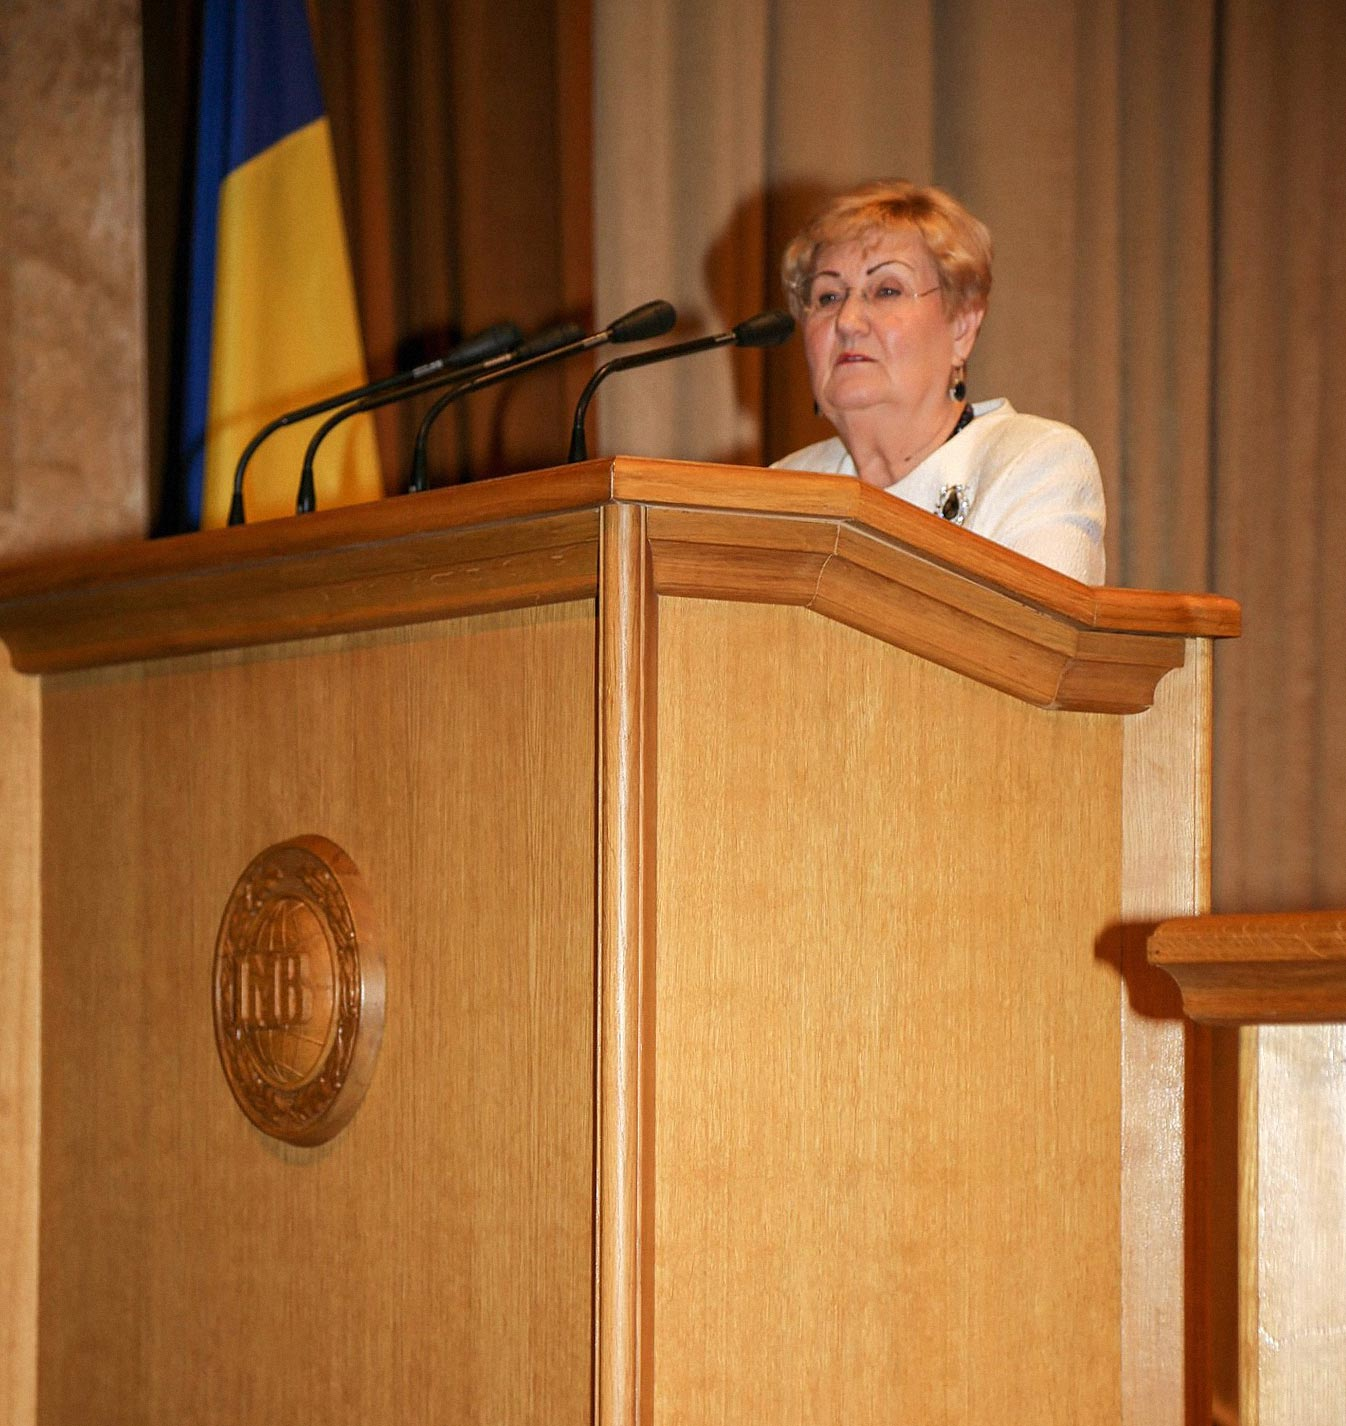 valentyna daneiko - <b>Во Львовской политехнике преподавательница назвала геев и лесбиянок больными.</b> Что делать, если вас унижают в университете? - Заборона